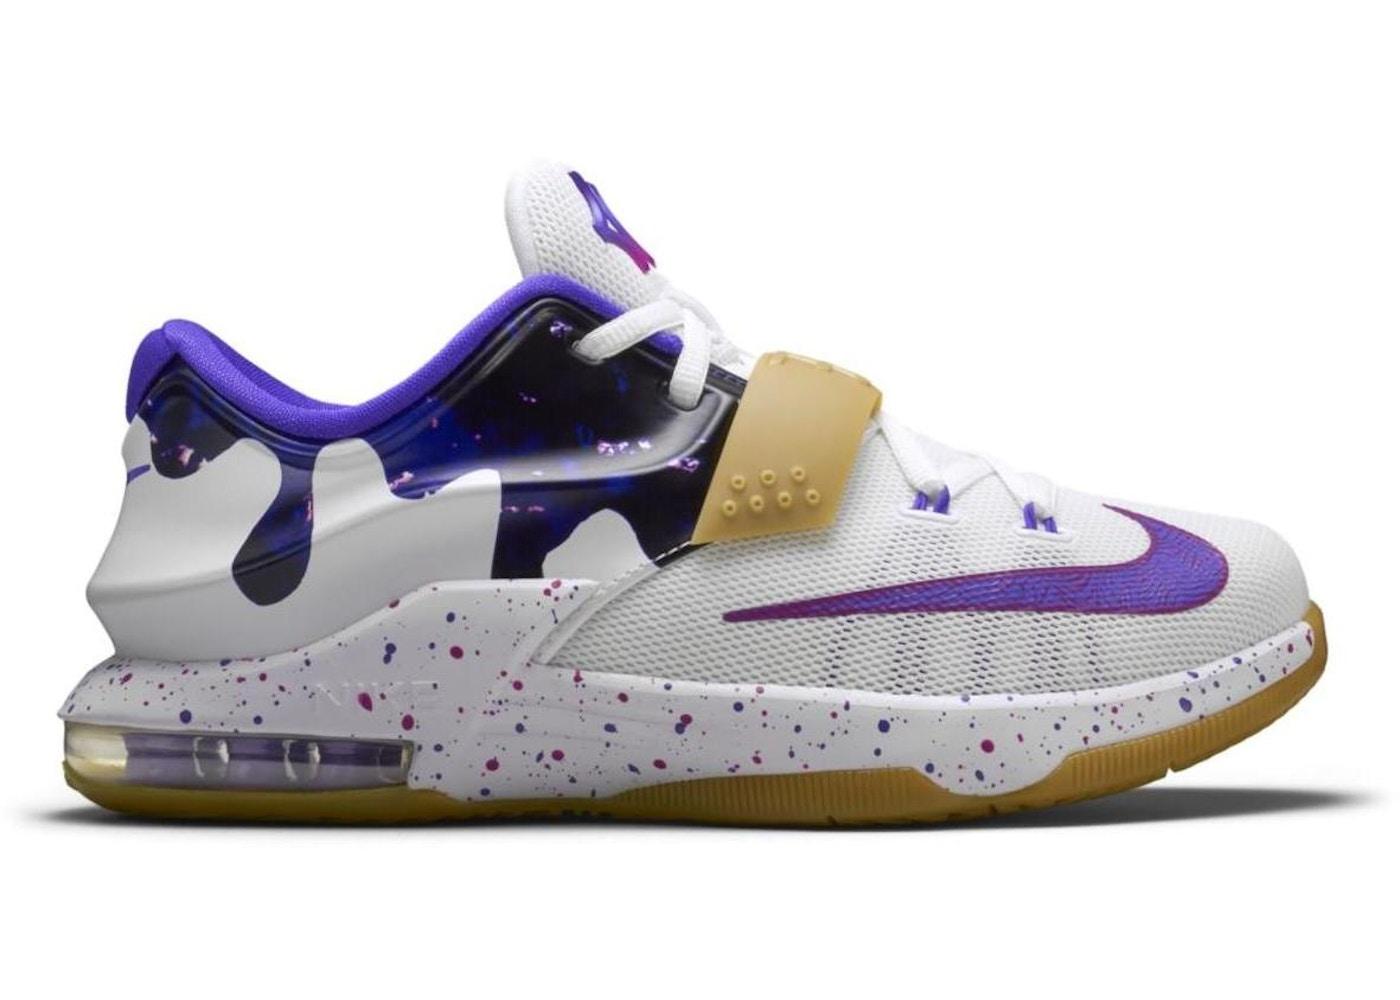 online store 3b590 dcd31 Buy Nike KD 7 Shoes  Deadstock Sneakers